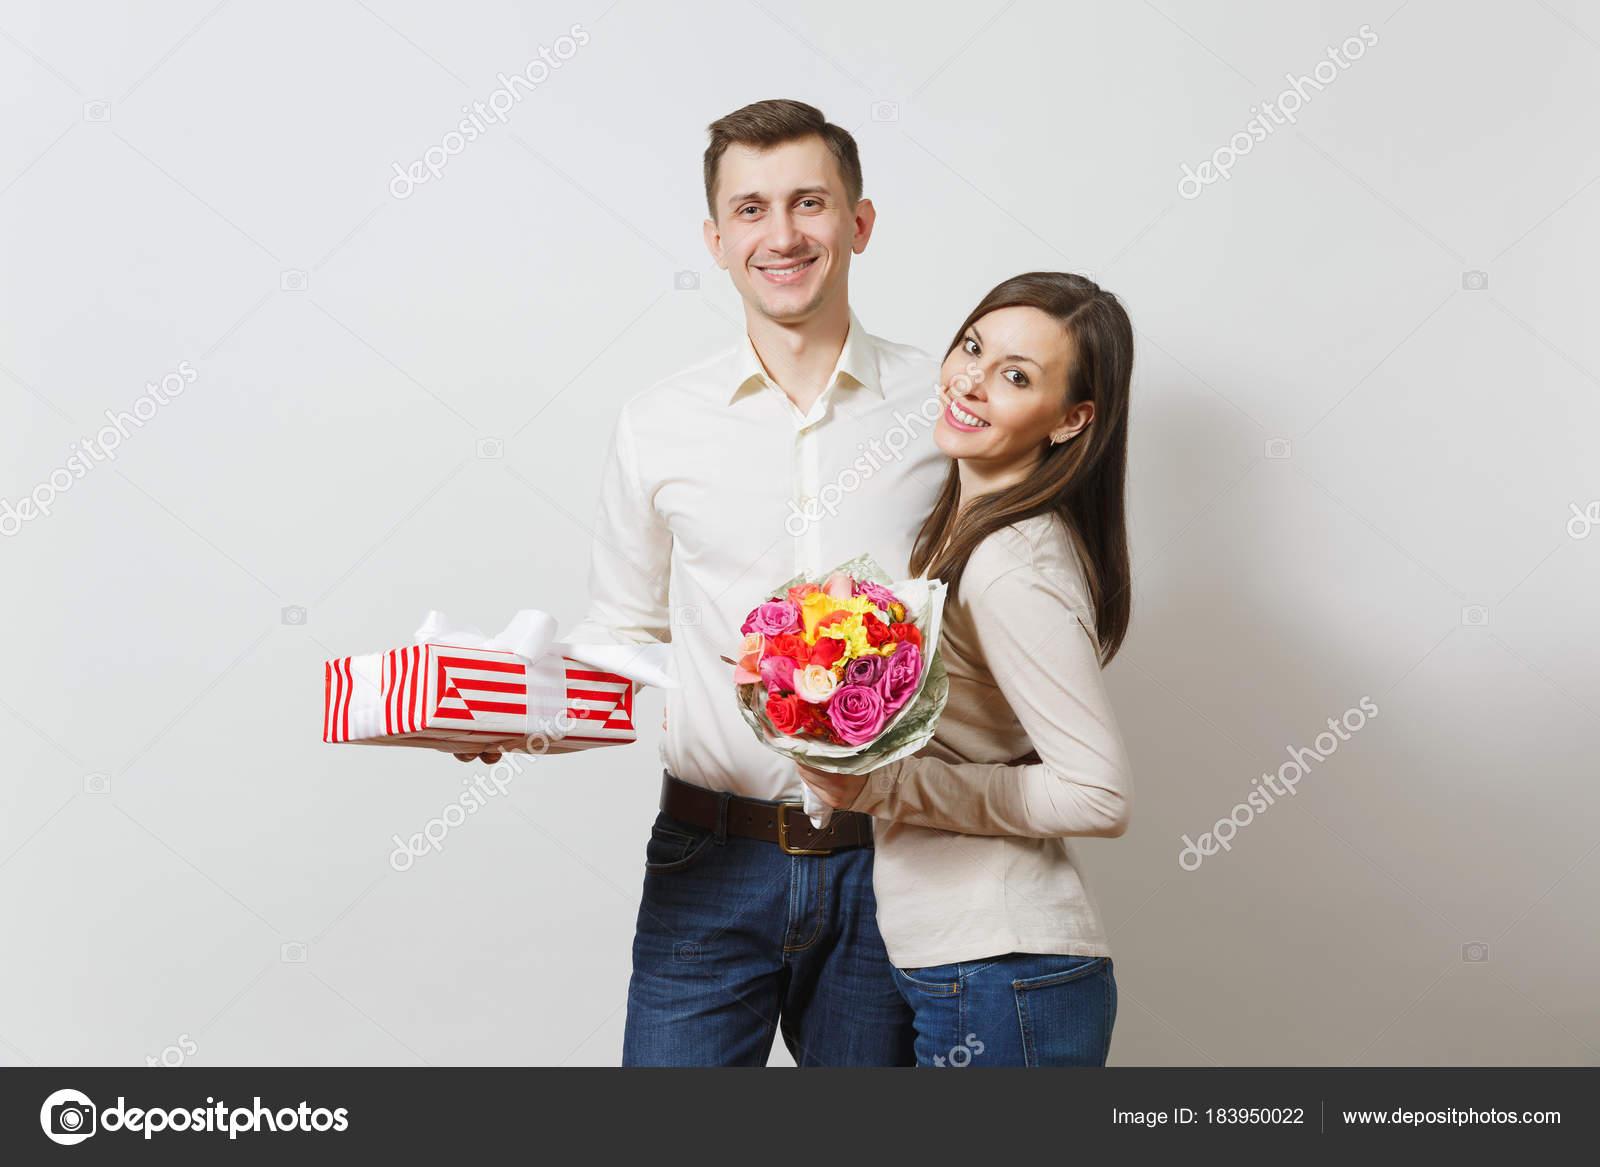 Jeune Couple Amoureux Homme Et Femme Avec Bouquet De Fleurs Belles